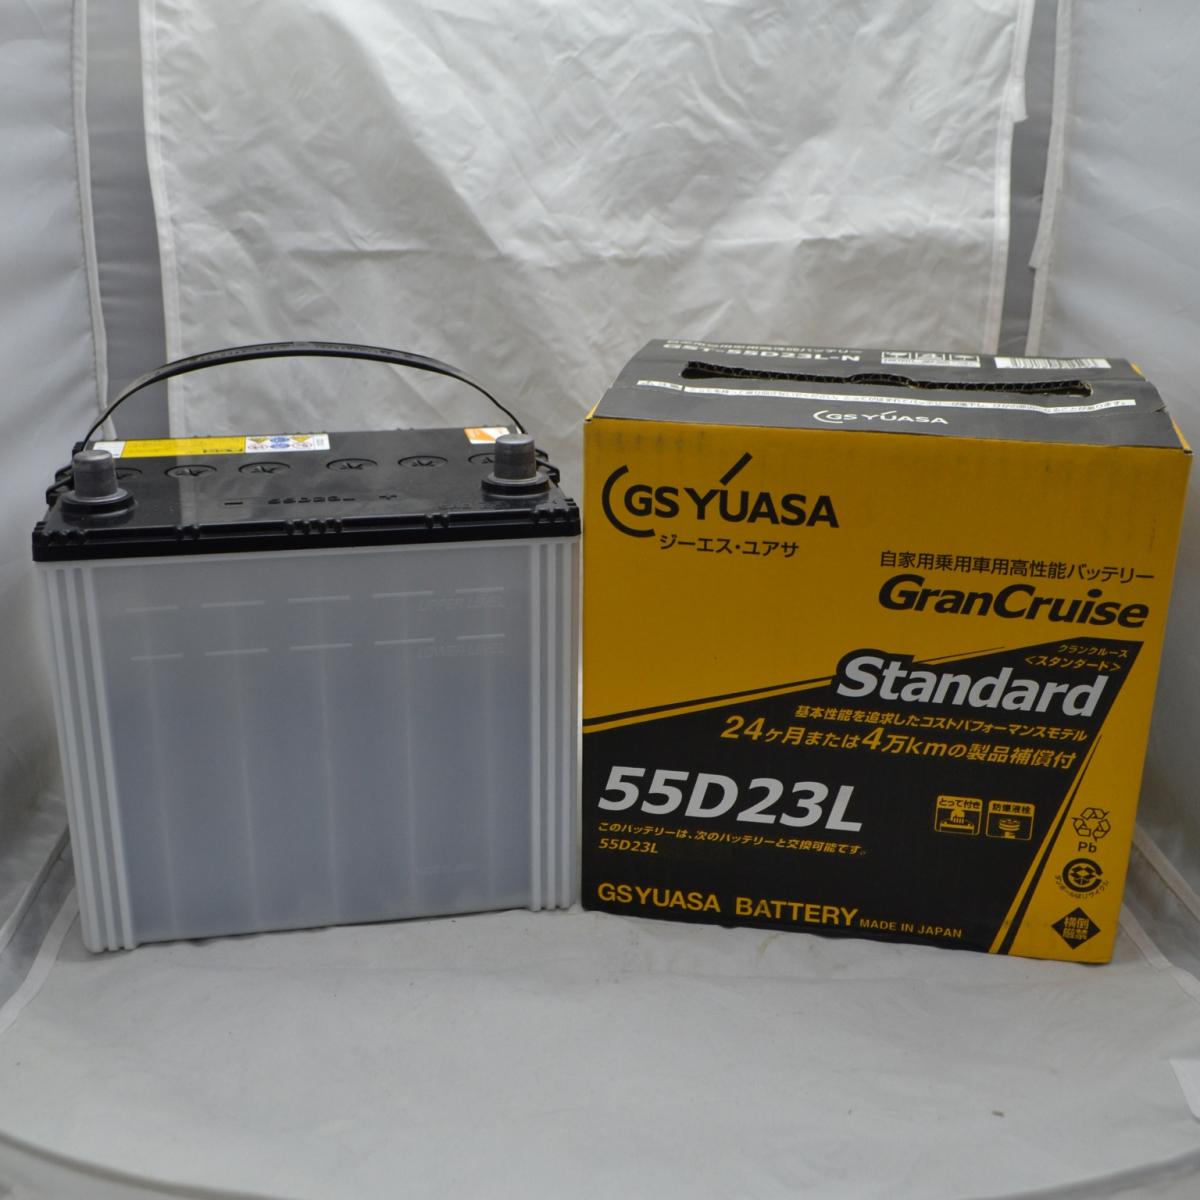 GS-YUASA GST 55D23L 60Ah 360A L+